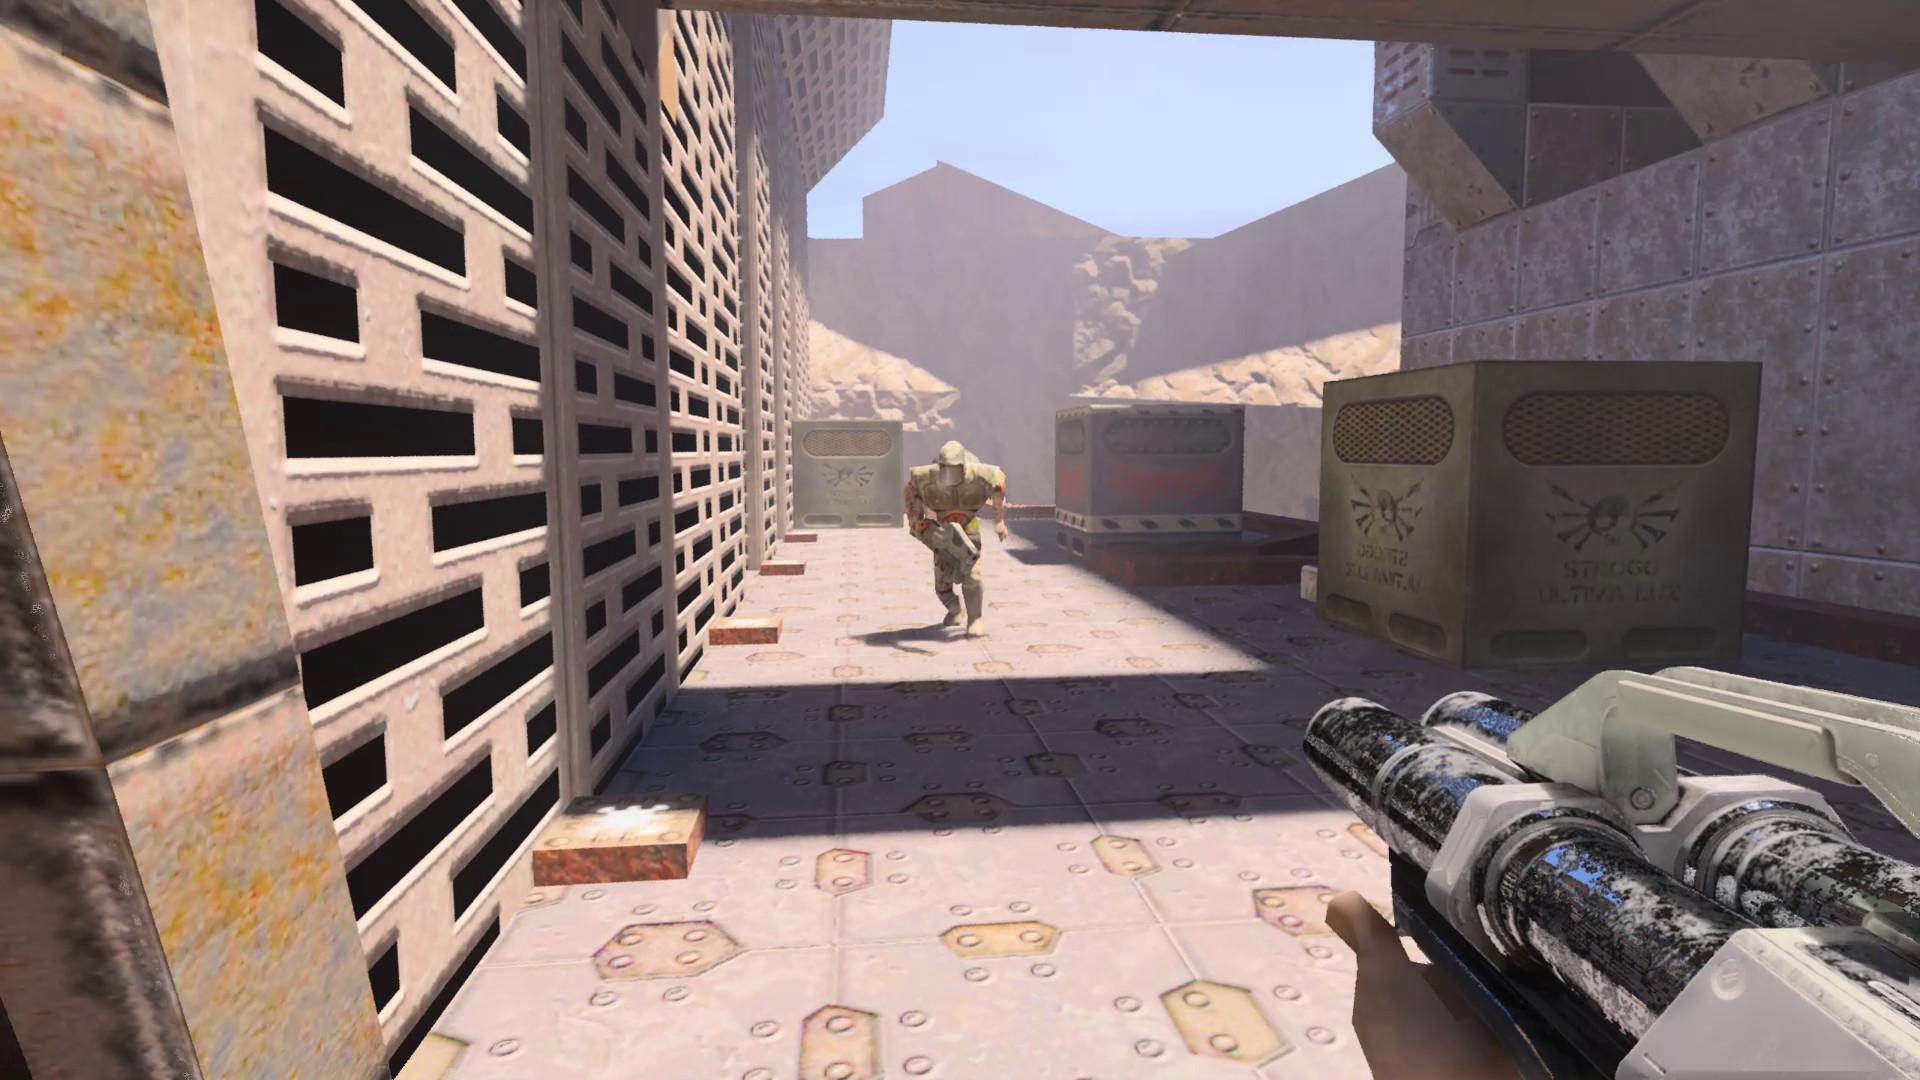 《雷神之锤2:RTX》最低配置需求 绚丽新图放出